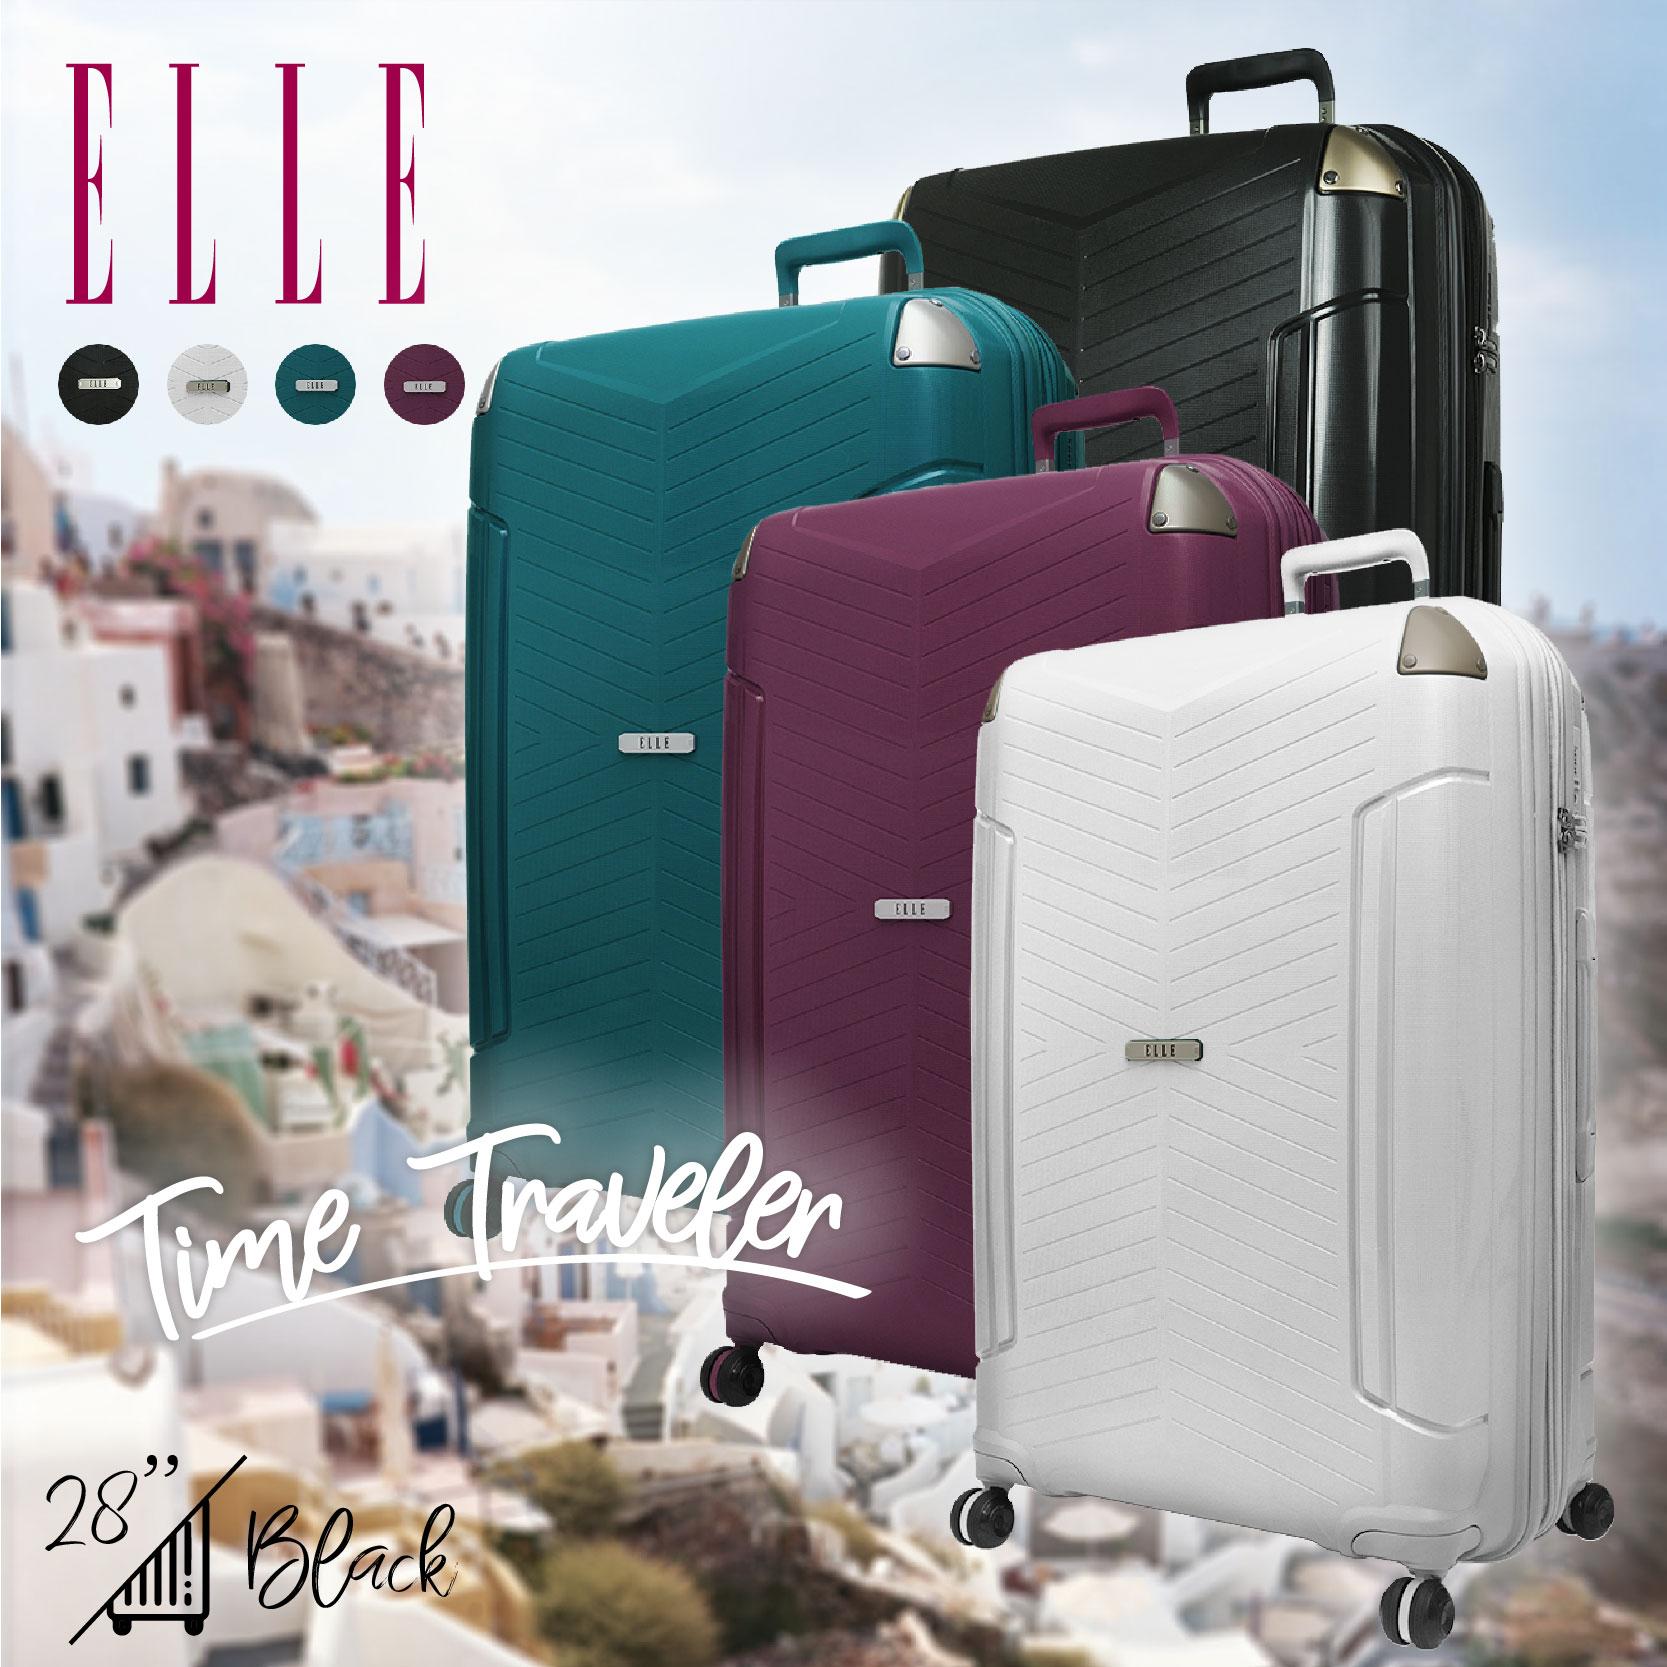 出國靠這卡 ELLE Time Traveler系列 出國 行李箱 28吋 極輕防刮PP材質 顏色任選 蜜月 畢旅 假期